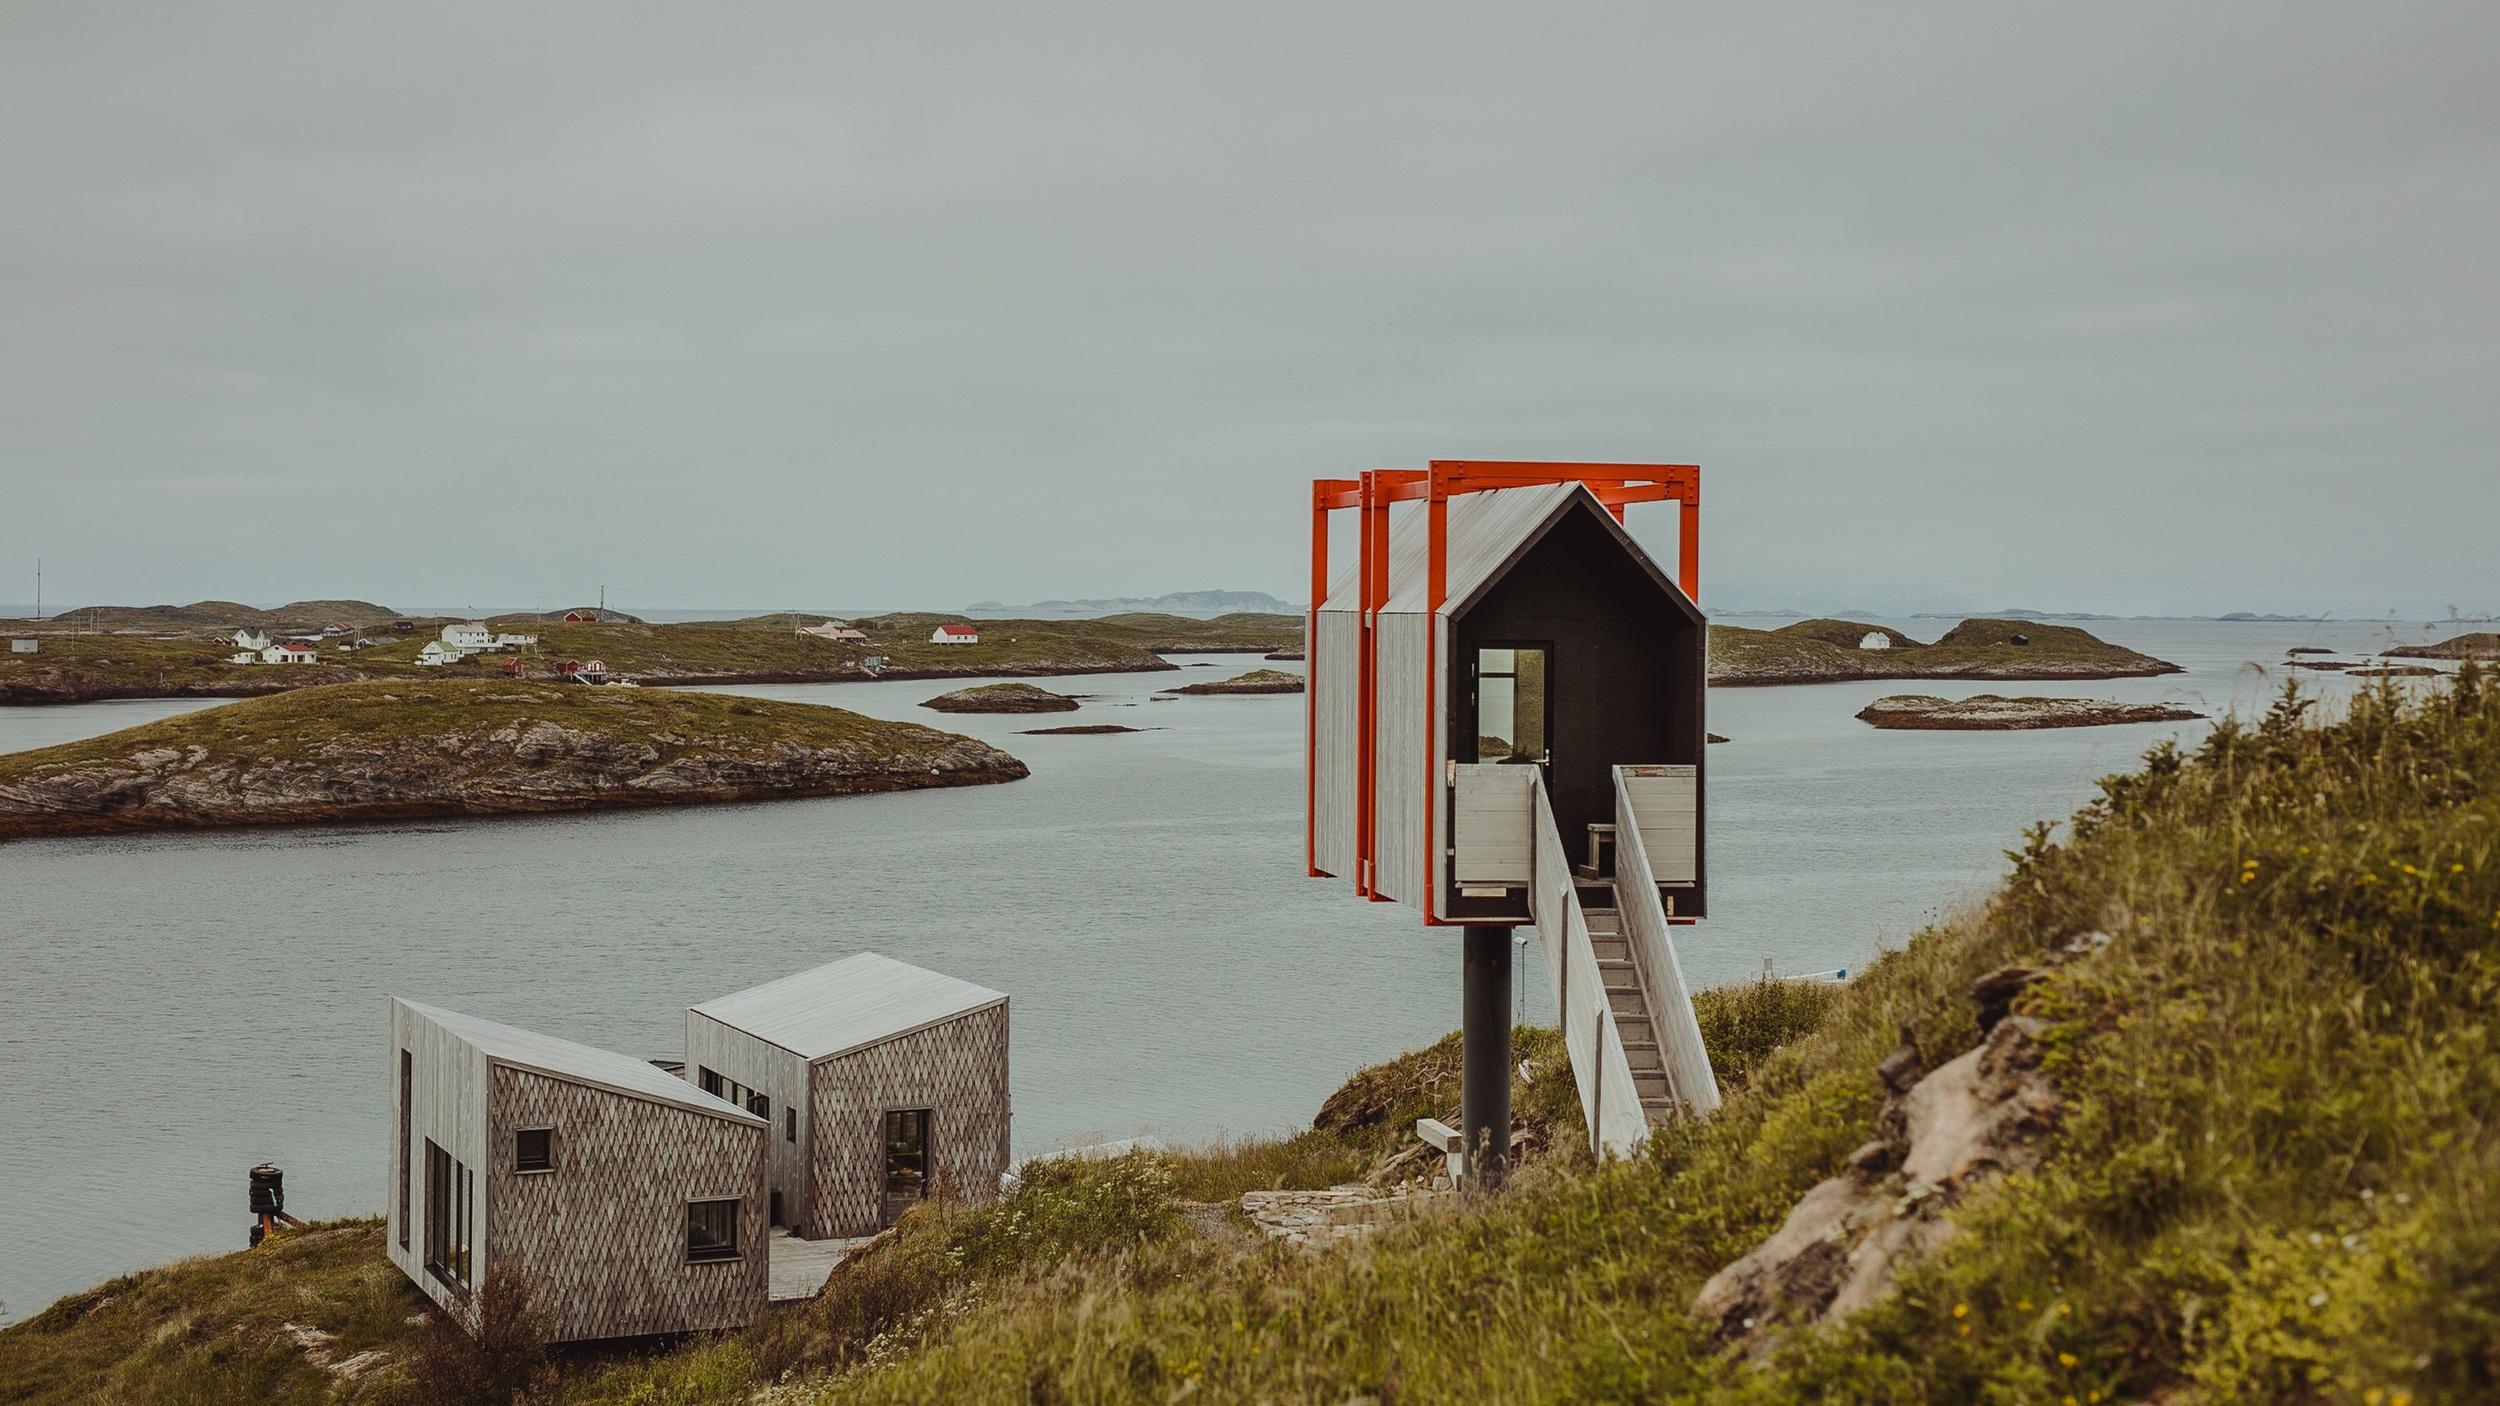 The Arctic Hideaway - Fleinvær - Arkitekt-tegnet landsby av småhus beliggende på Sørvær, Fleinvær. Her kan du finne roen og oppleve barsk nord-norsk natur med naturelementene tett på, kun 10 sengeplasser. Velkommen!